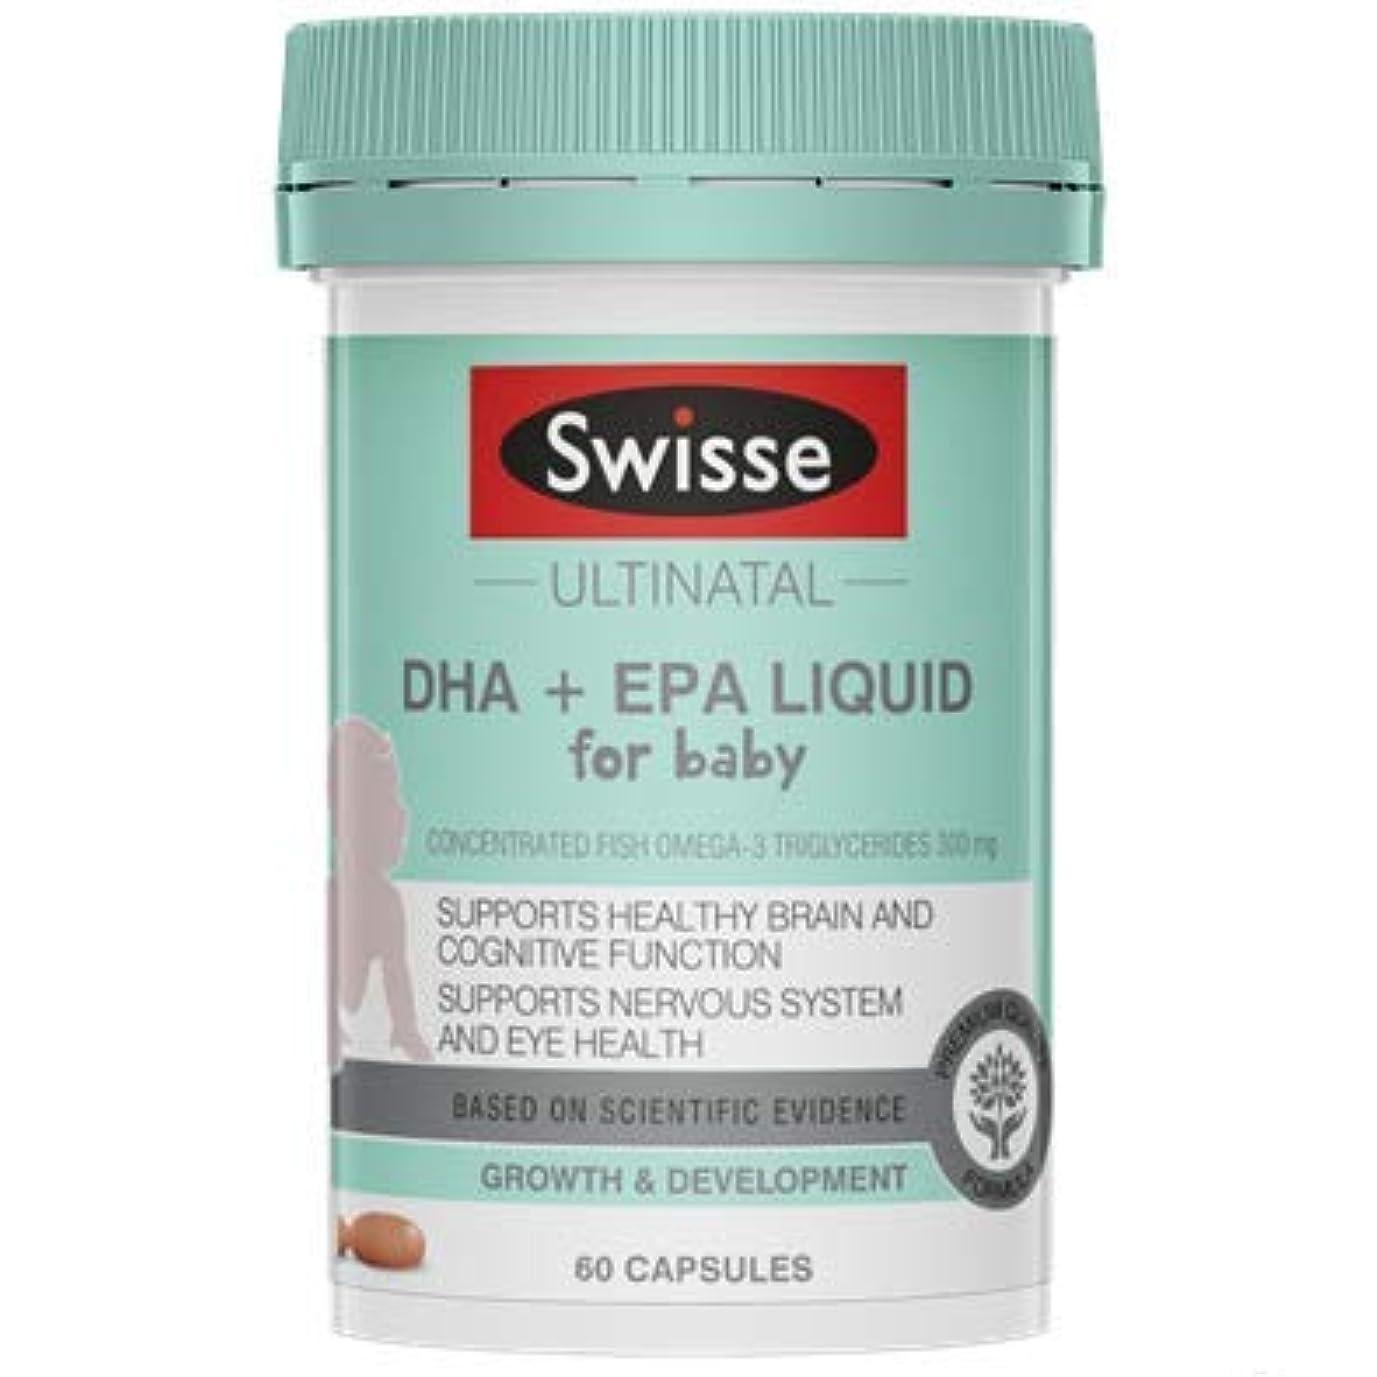 軽減する条件付き障害Swisse Ultinatal DHA + EPA 液体 赤ちゃん用 60カプセル [豪州直送品] [並行輸入品]